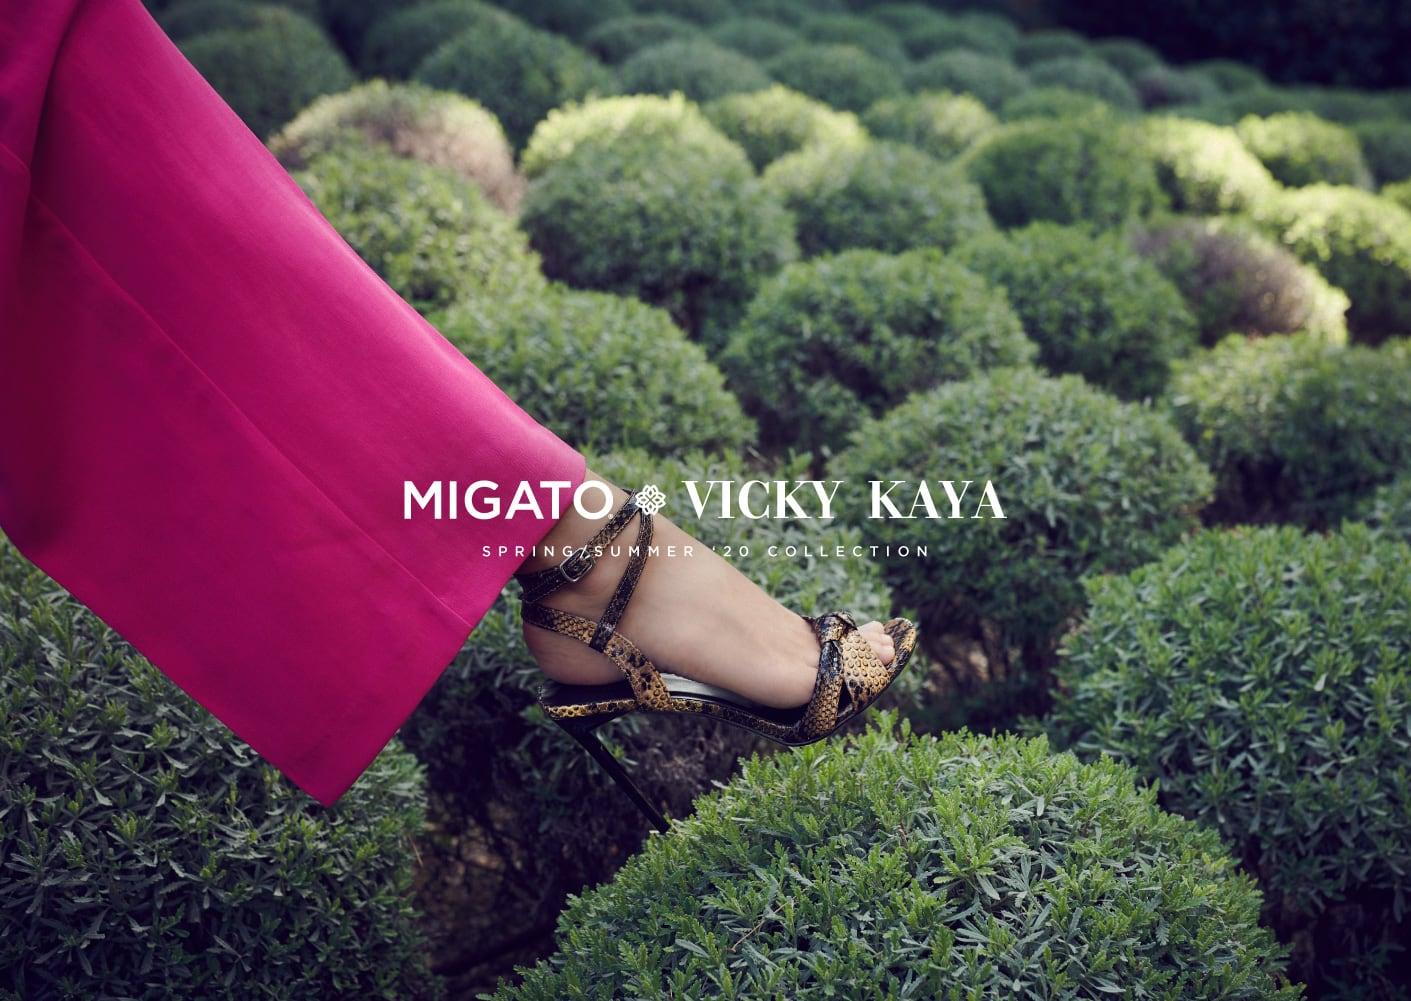 MIGATO Vicky Kaya SS20 Campaign